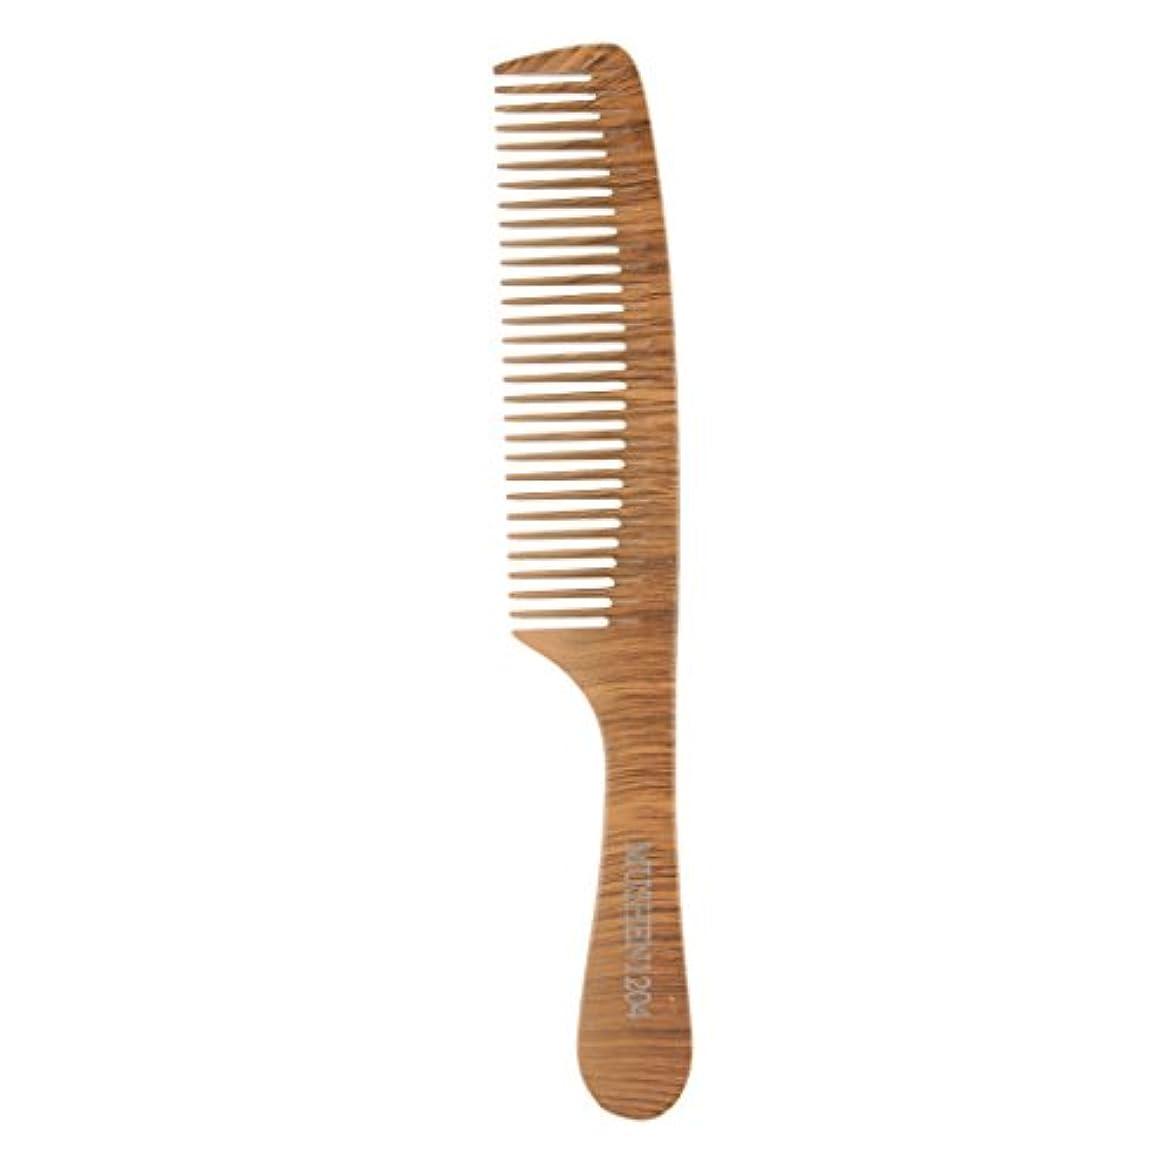 シリンダー重力変換木の理髪のスタイリングの櫛、大広間およびホテルのヘアケアツールのための頑丈な細かい歯の毛の櫛 - 1204